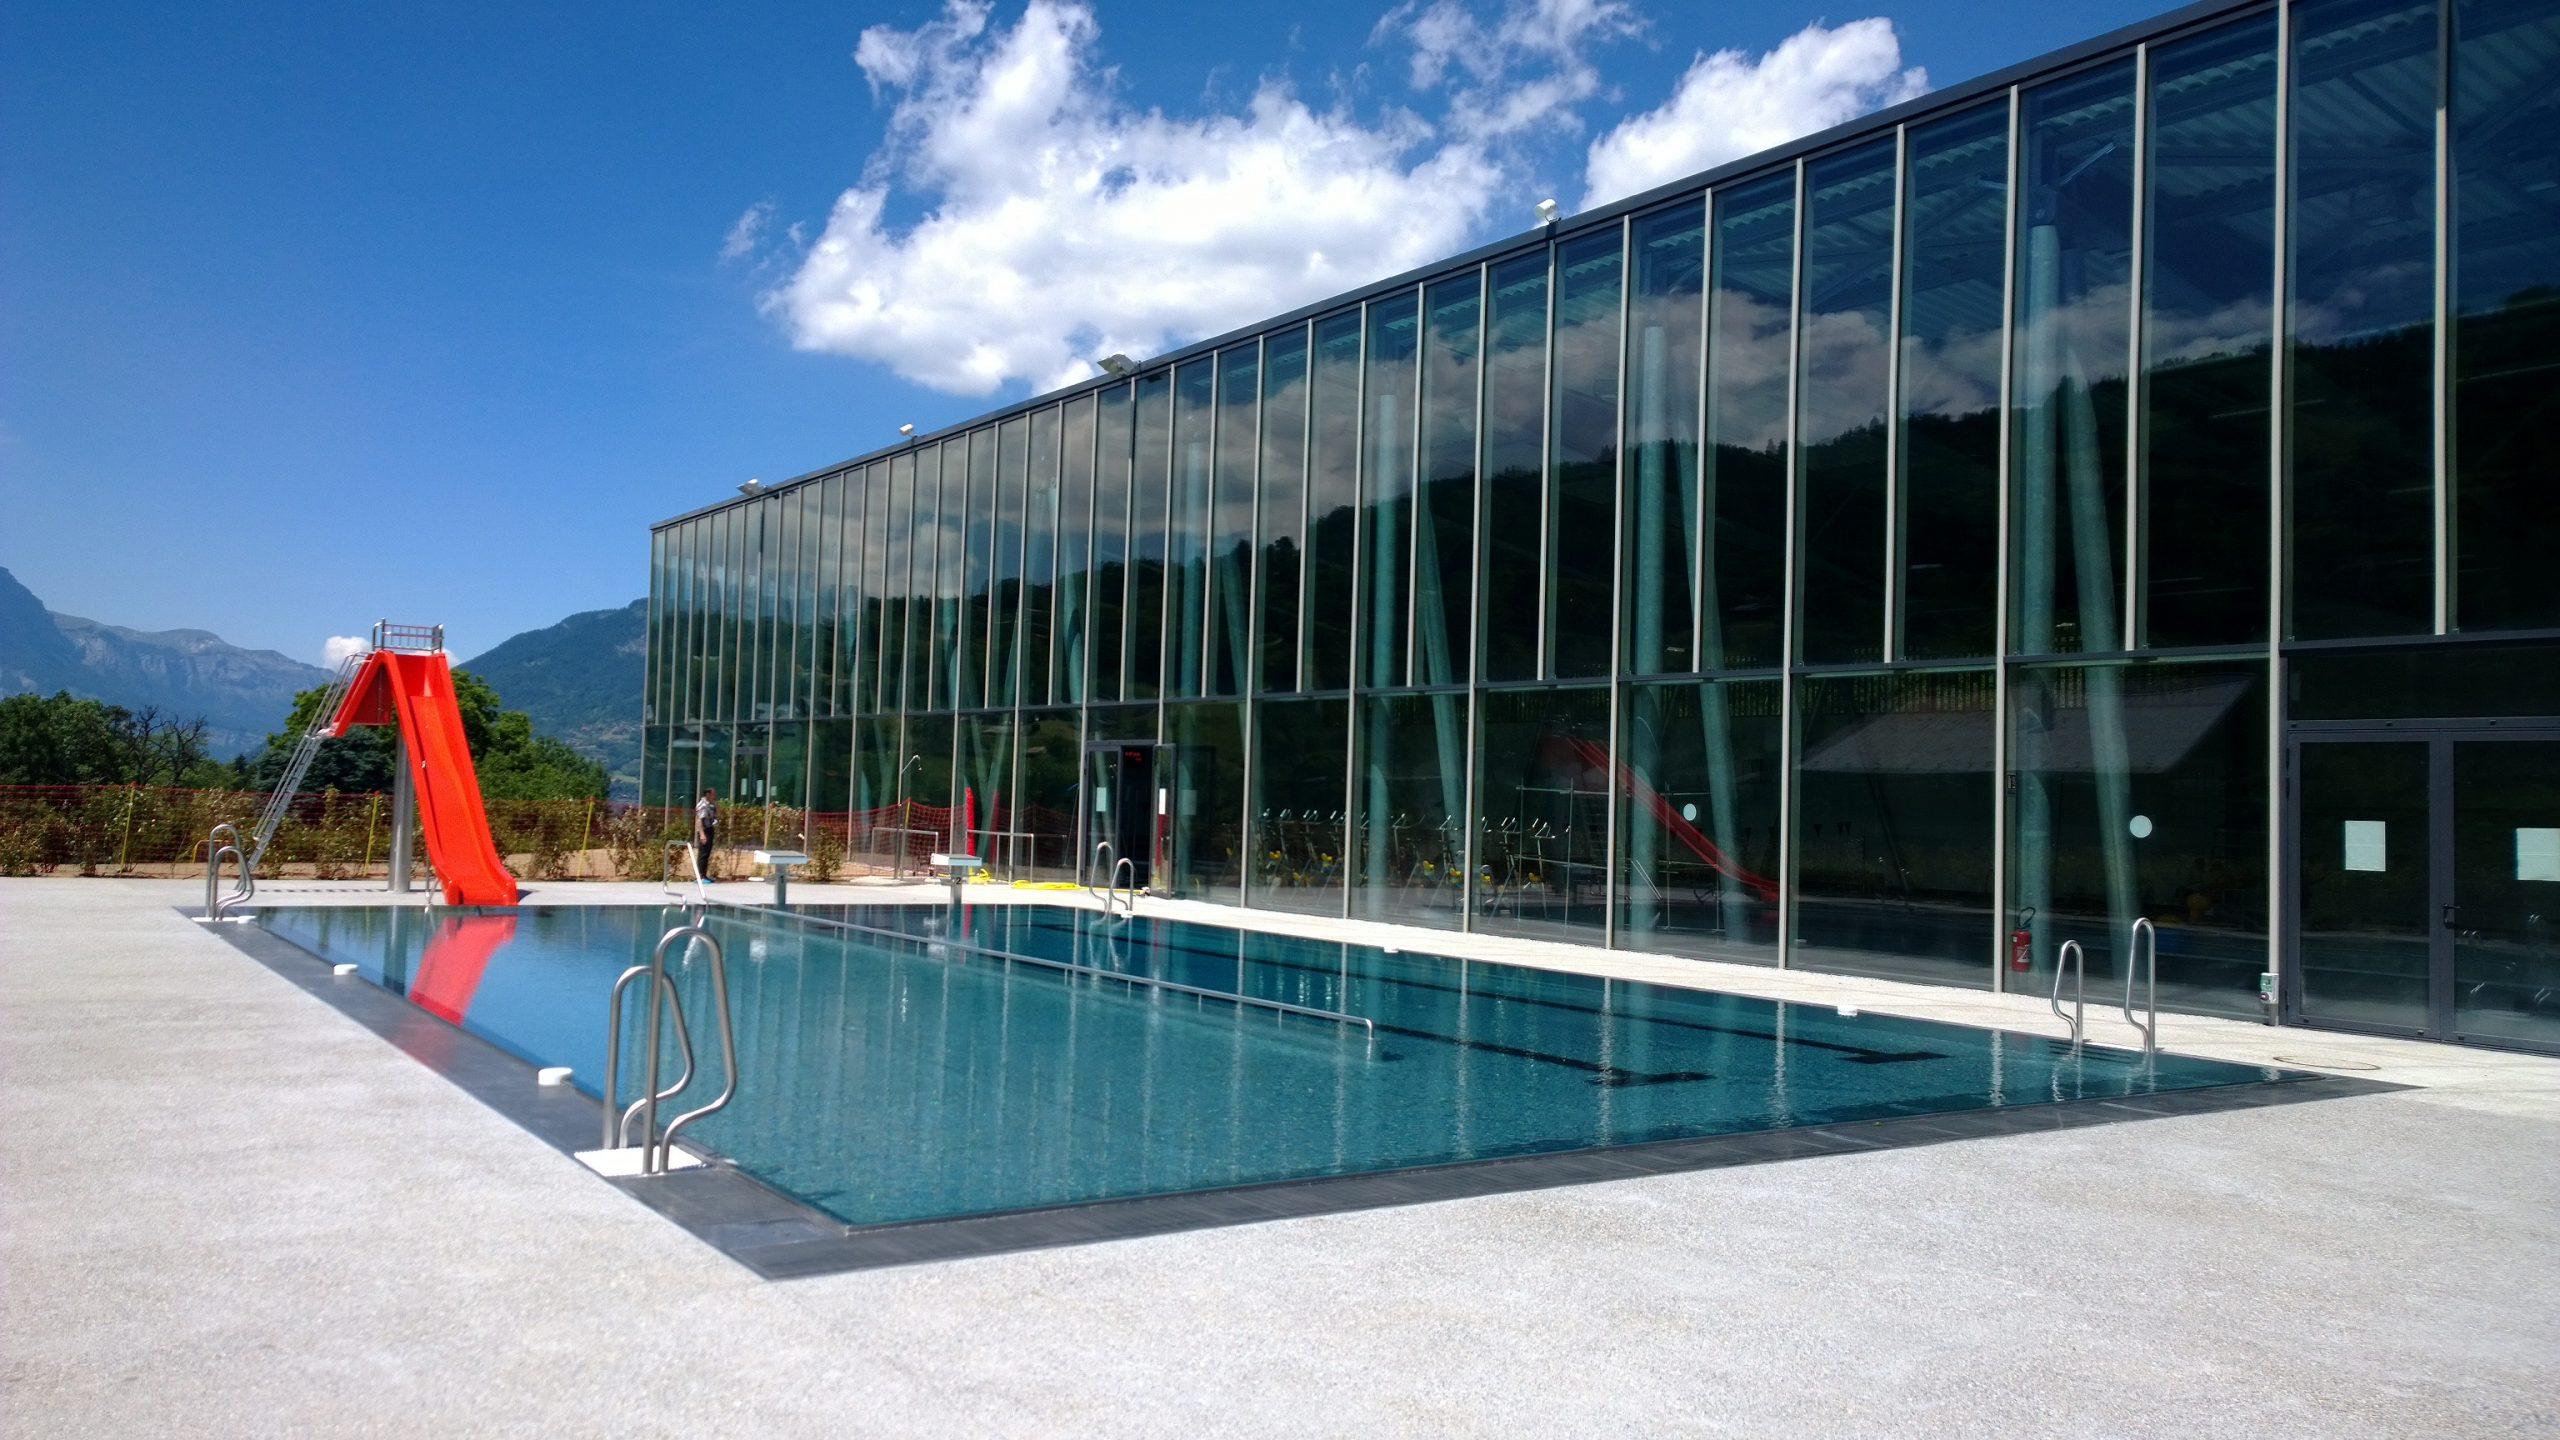 Installations Sportives - Saint-Gervais Mont-Blanc ... avec Piscine Saint Gervais Les Bains